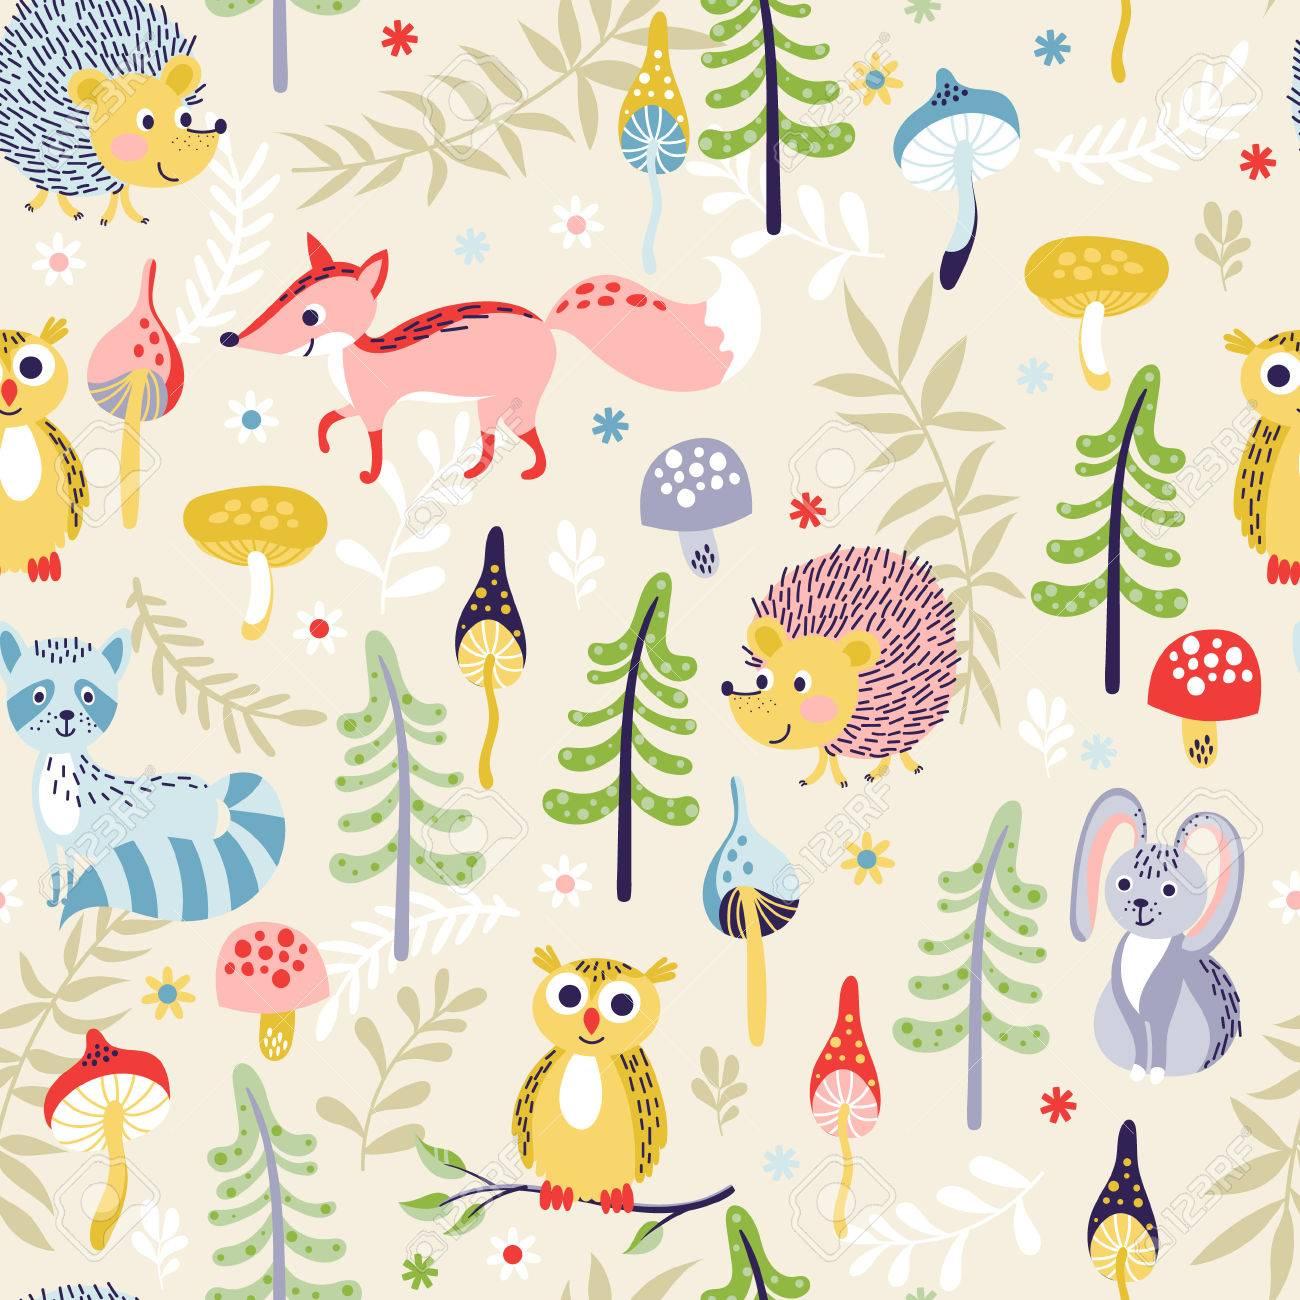 Patrón Sin Fisuras Con Animales De Bosque De Dibujos Animados Lindos Y Diferentes Plantas Sobre Fondo Beige Ilustración Vectorial Para Los Niños